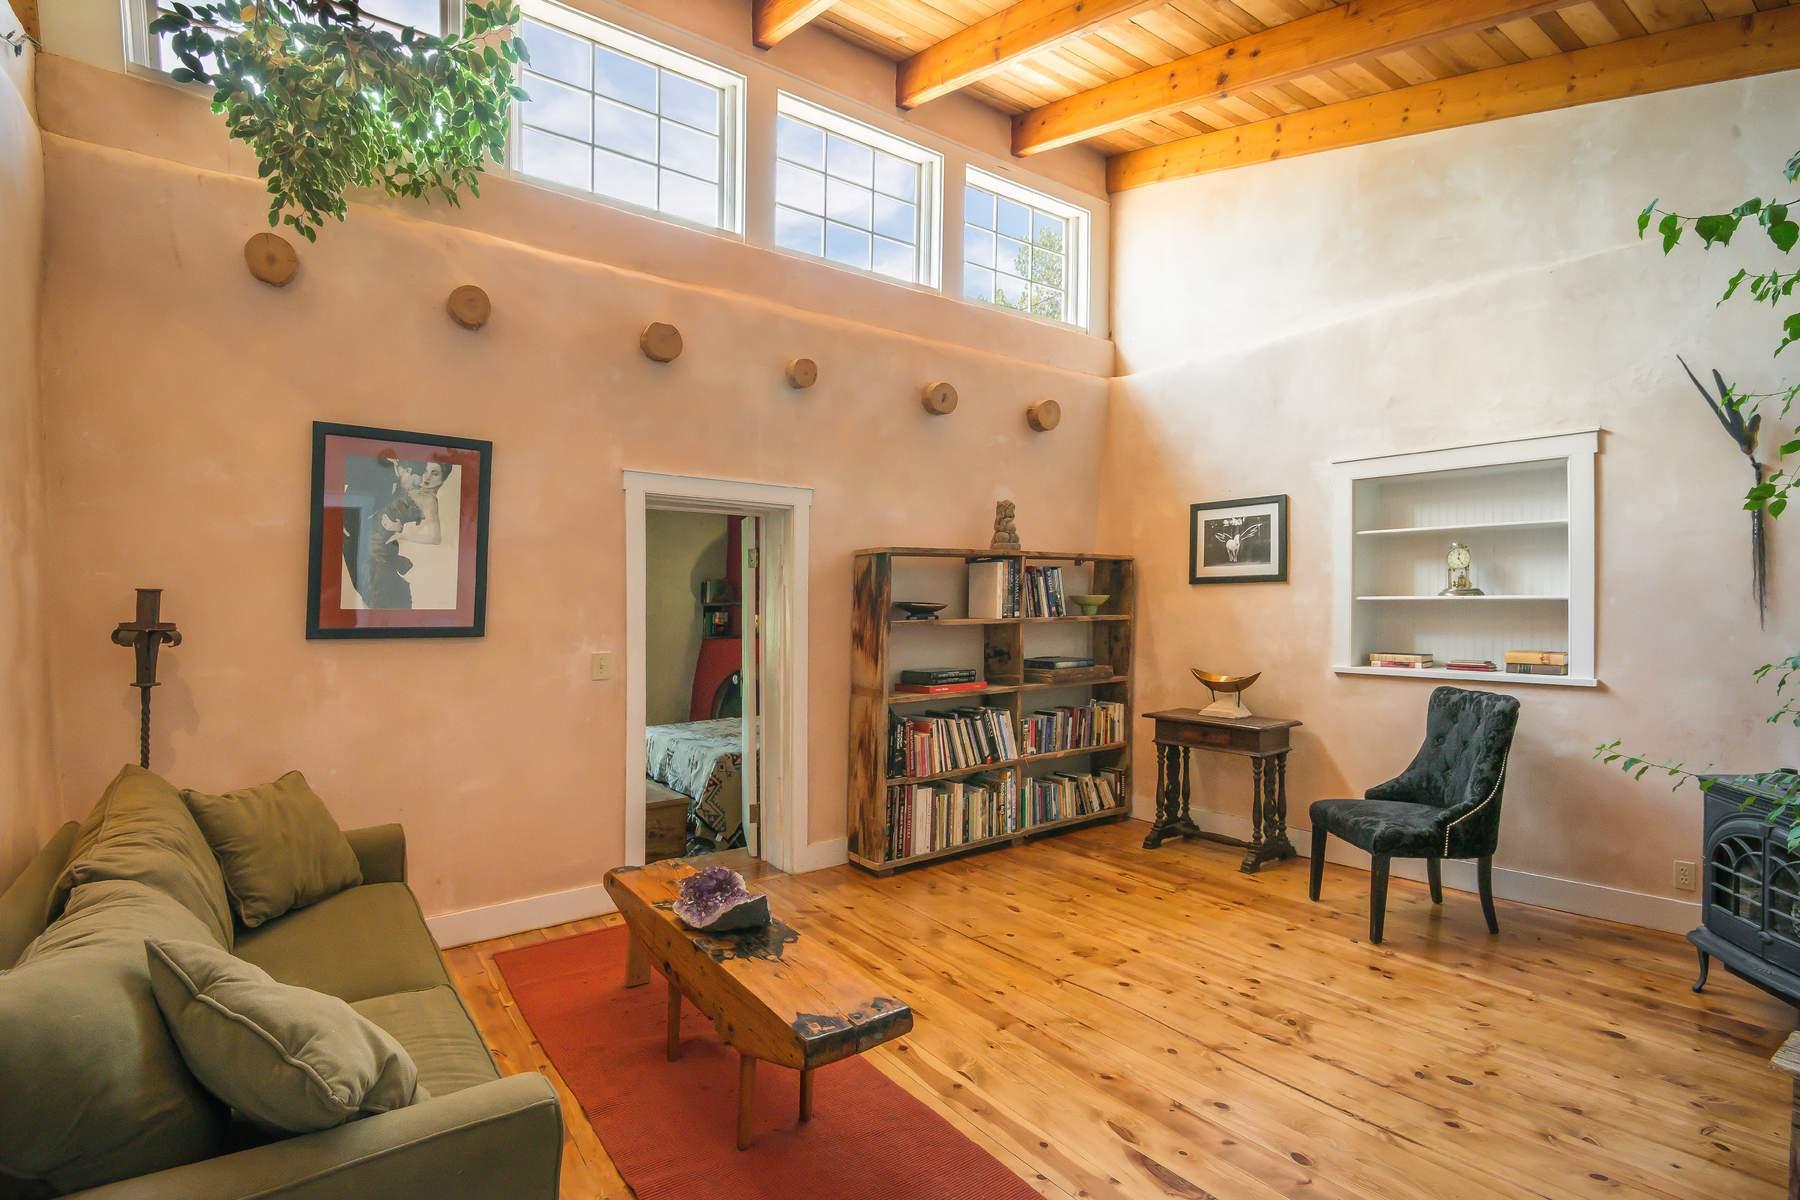 独户住宅 为 销售 在 5-C La Otra Vanda 加里斯特奥, 新墨西哥州, 87504 美国